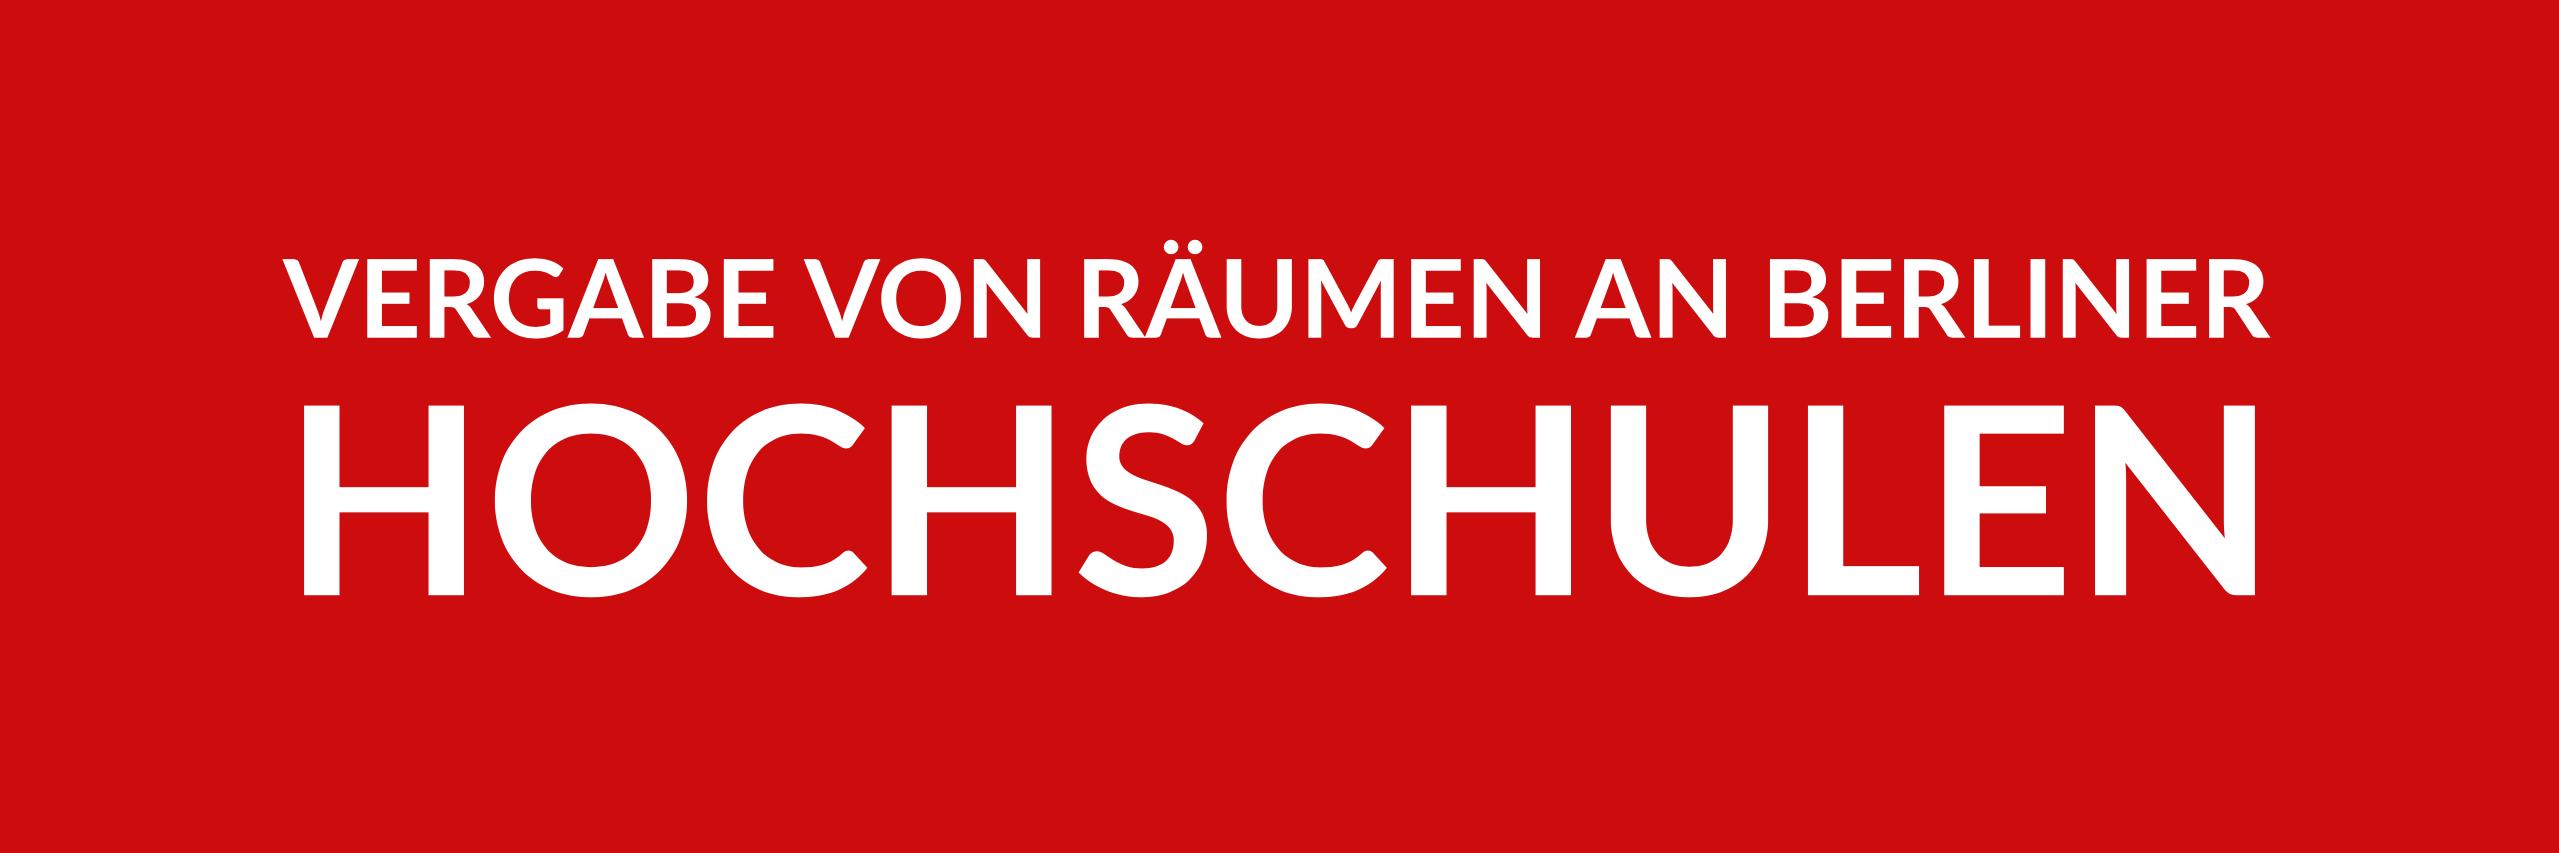 Anfrage 'Vergabe von Räumen an Berliner Hochschulen' (PDF)